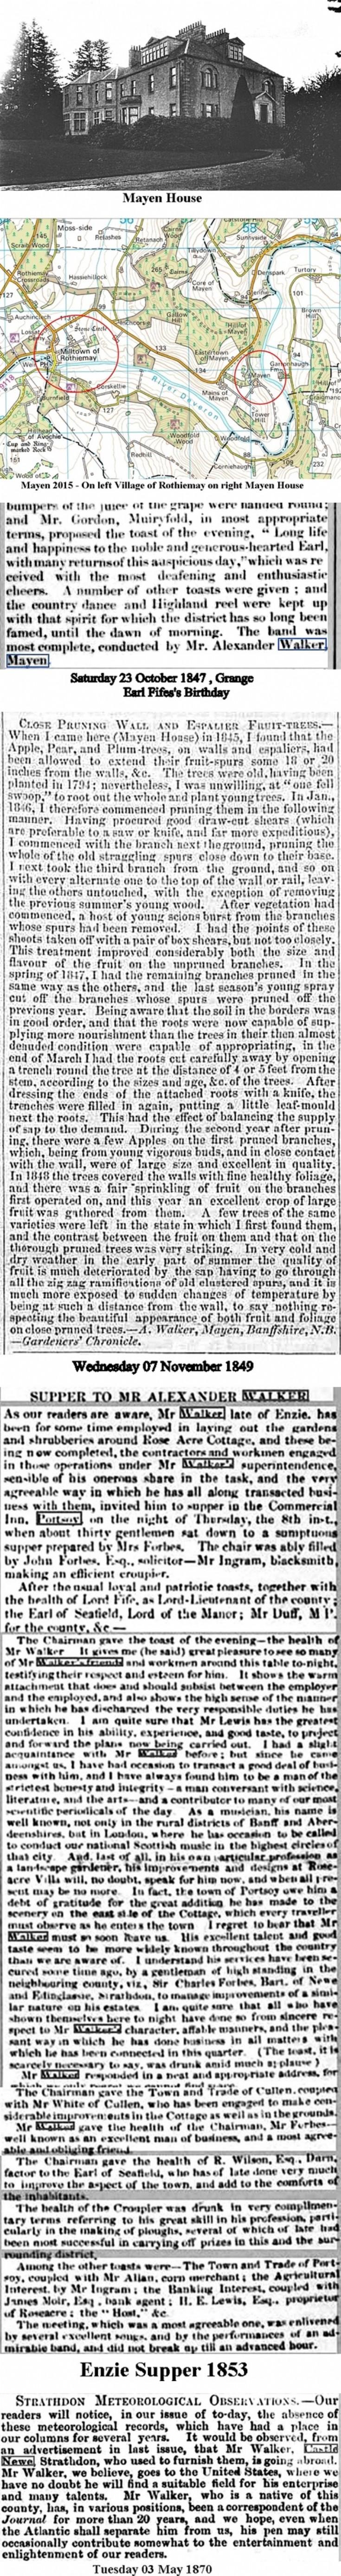 4 Alexander Walker's move to Mayen House